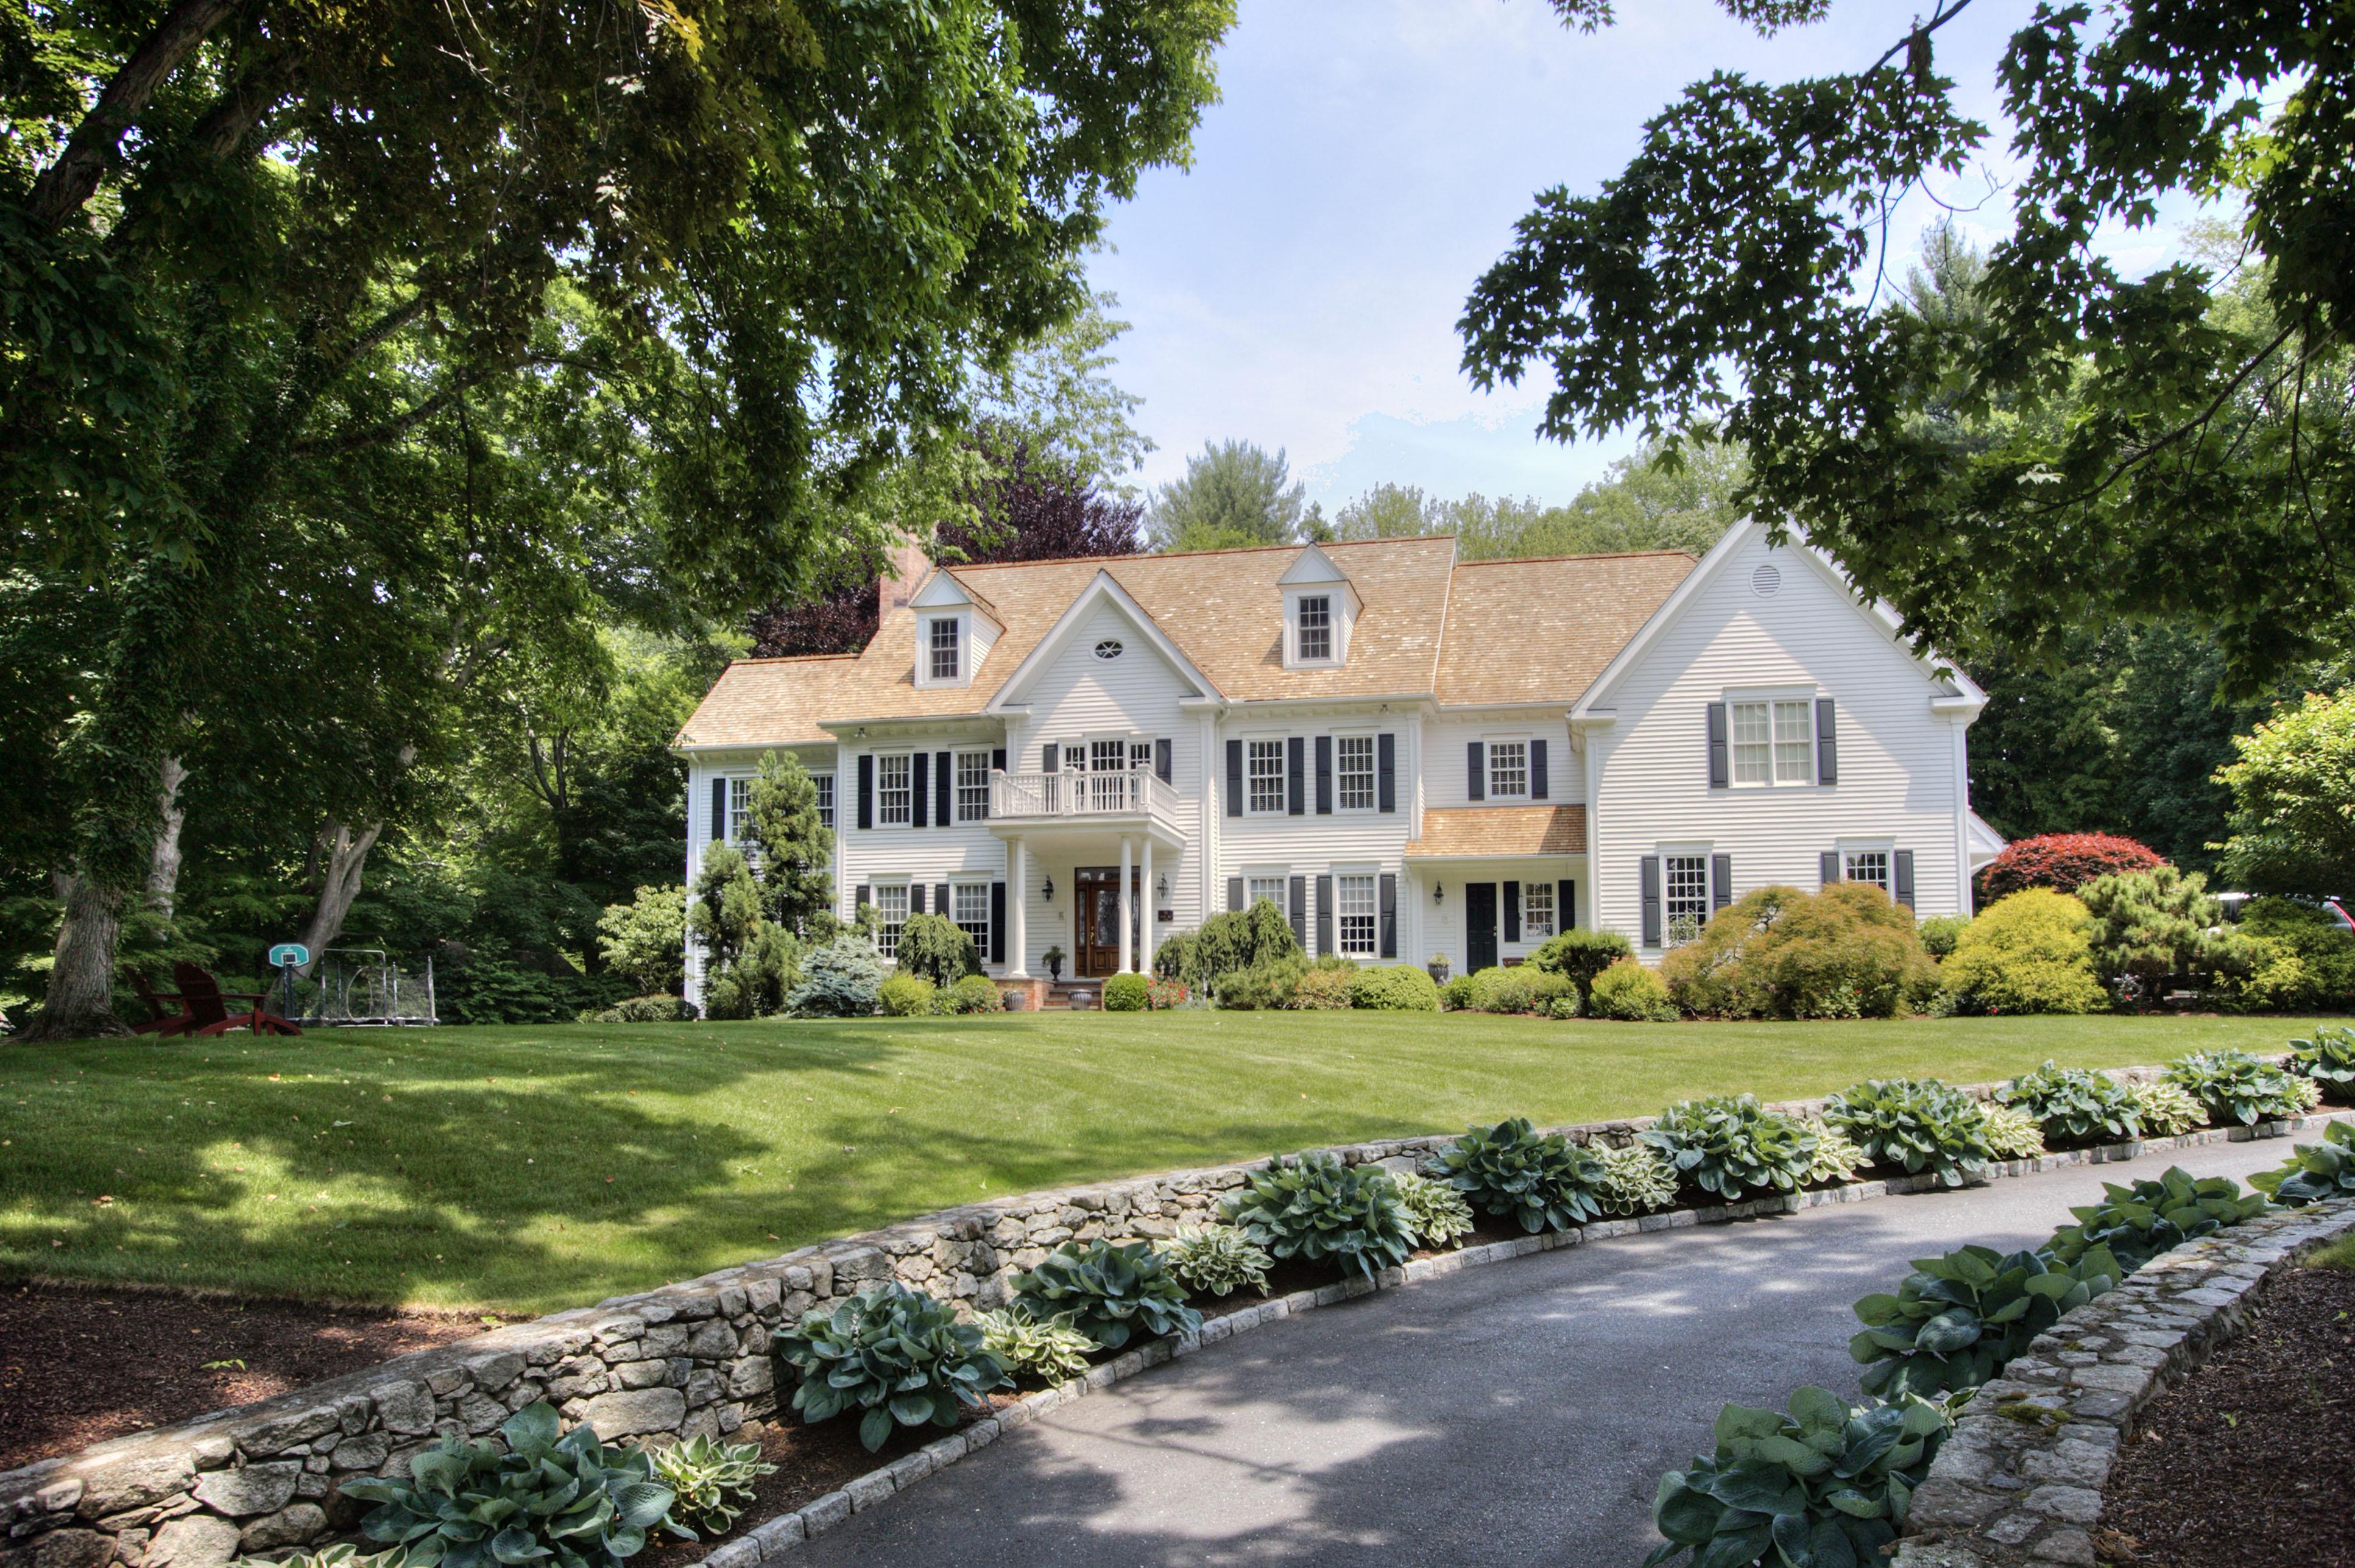 Villa per Vendita alle ore Set Upon a Hill with Water Views 98 Belden Hill Road Wilton, Connecticut 06897 Stati Uniti